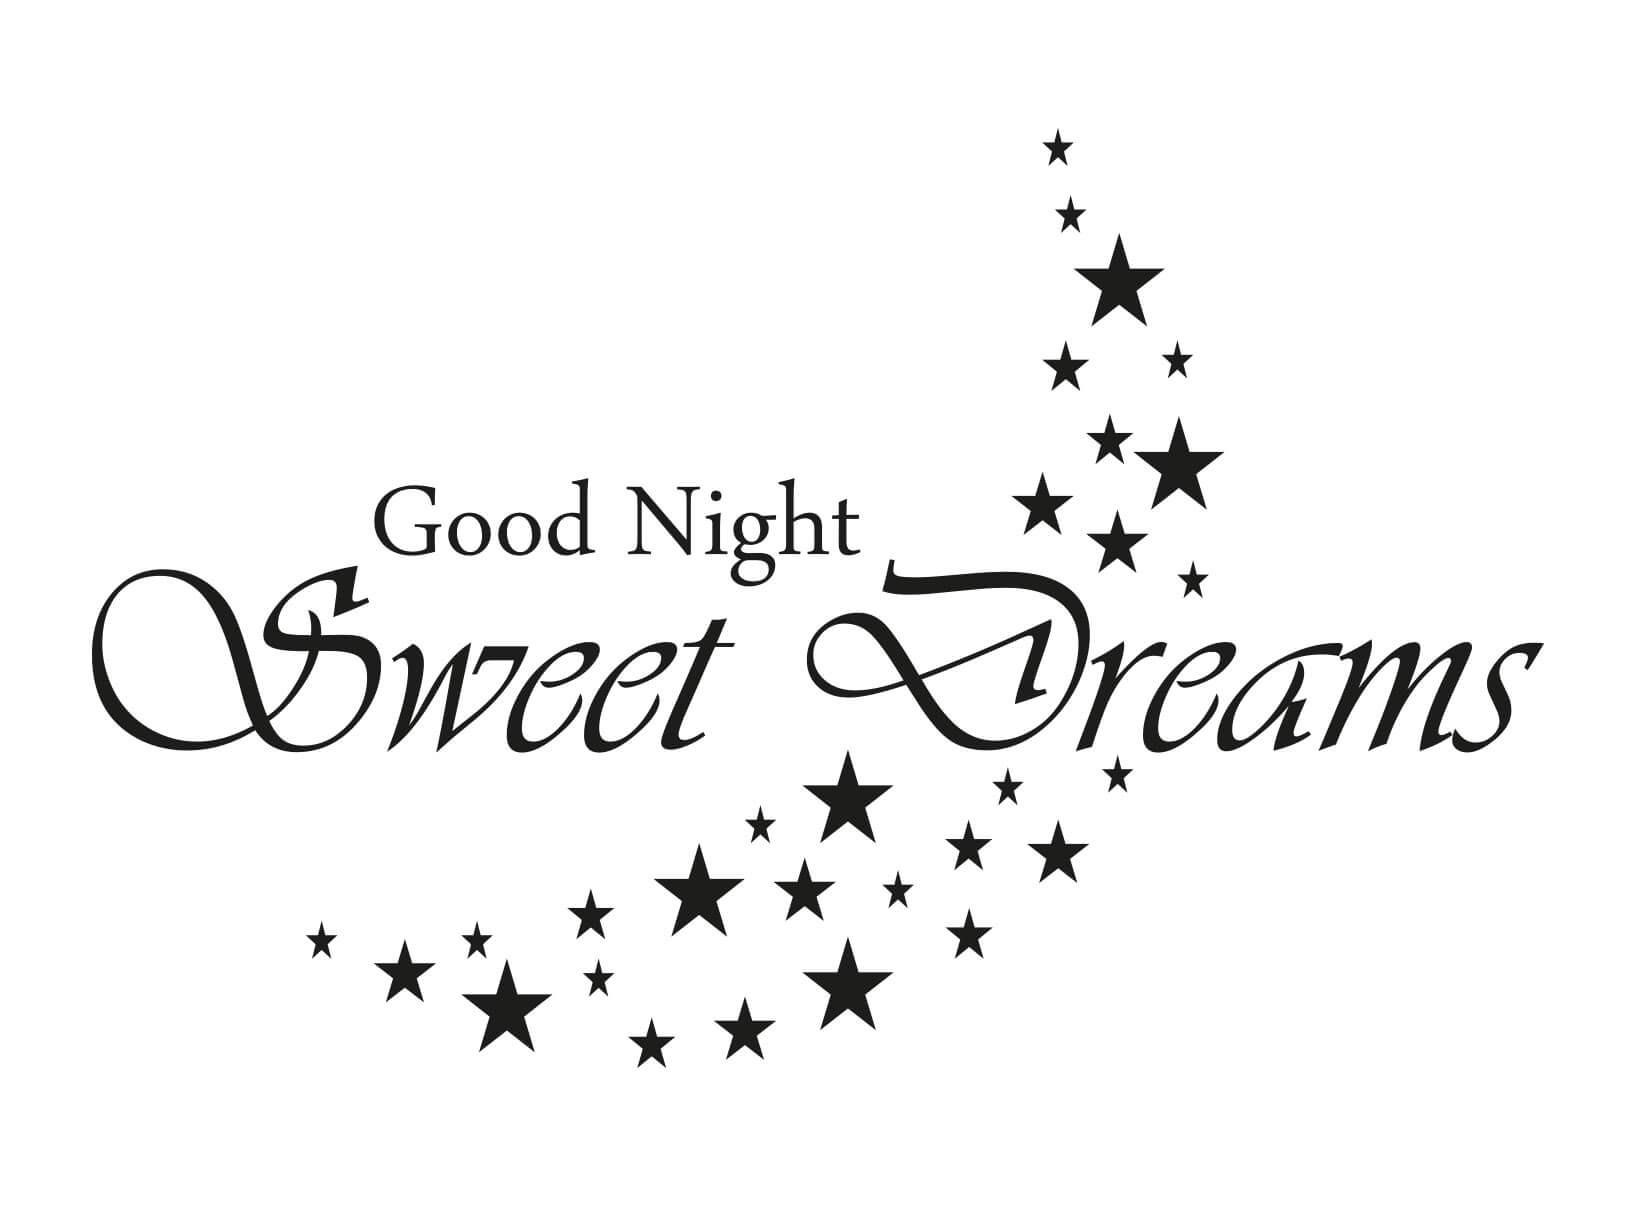 Muursticker Good Night Sweet Dreams met sterren maan